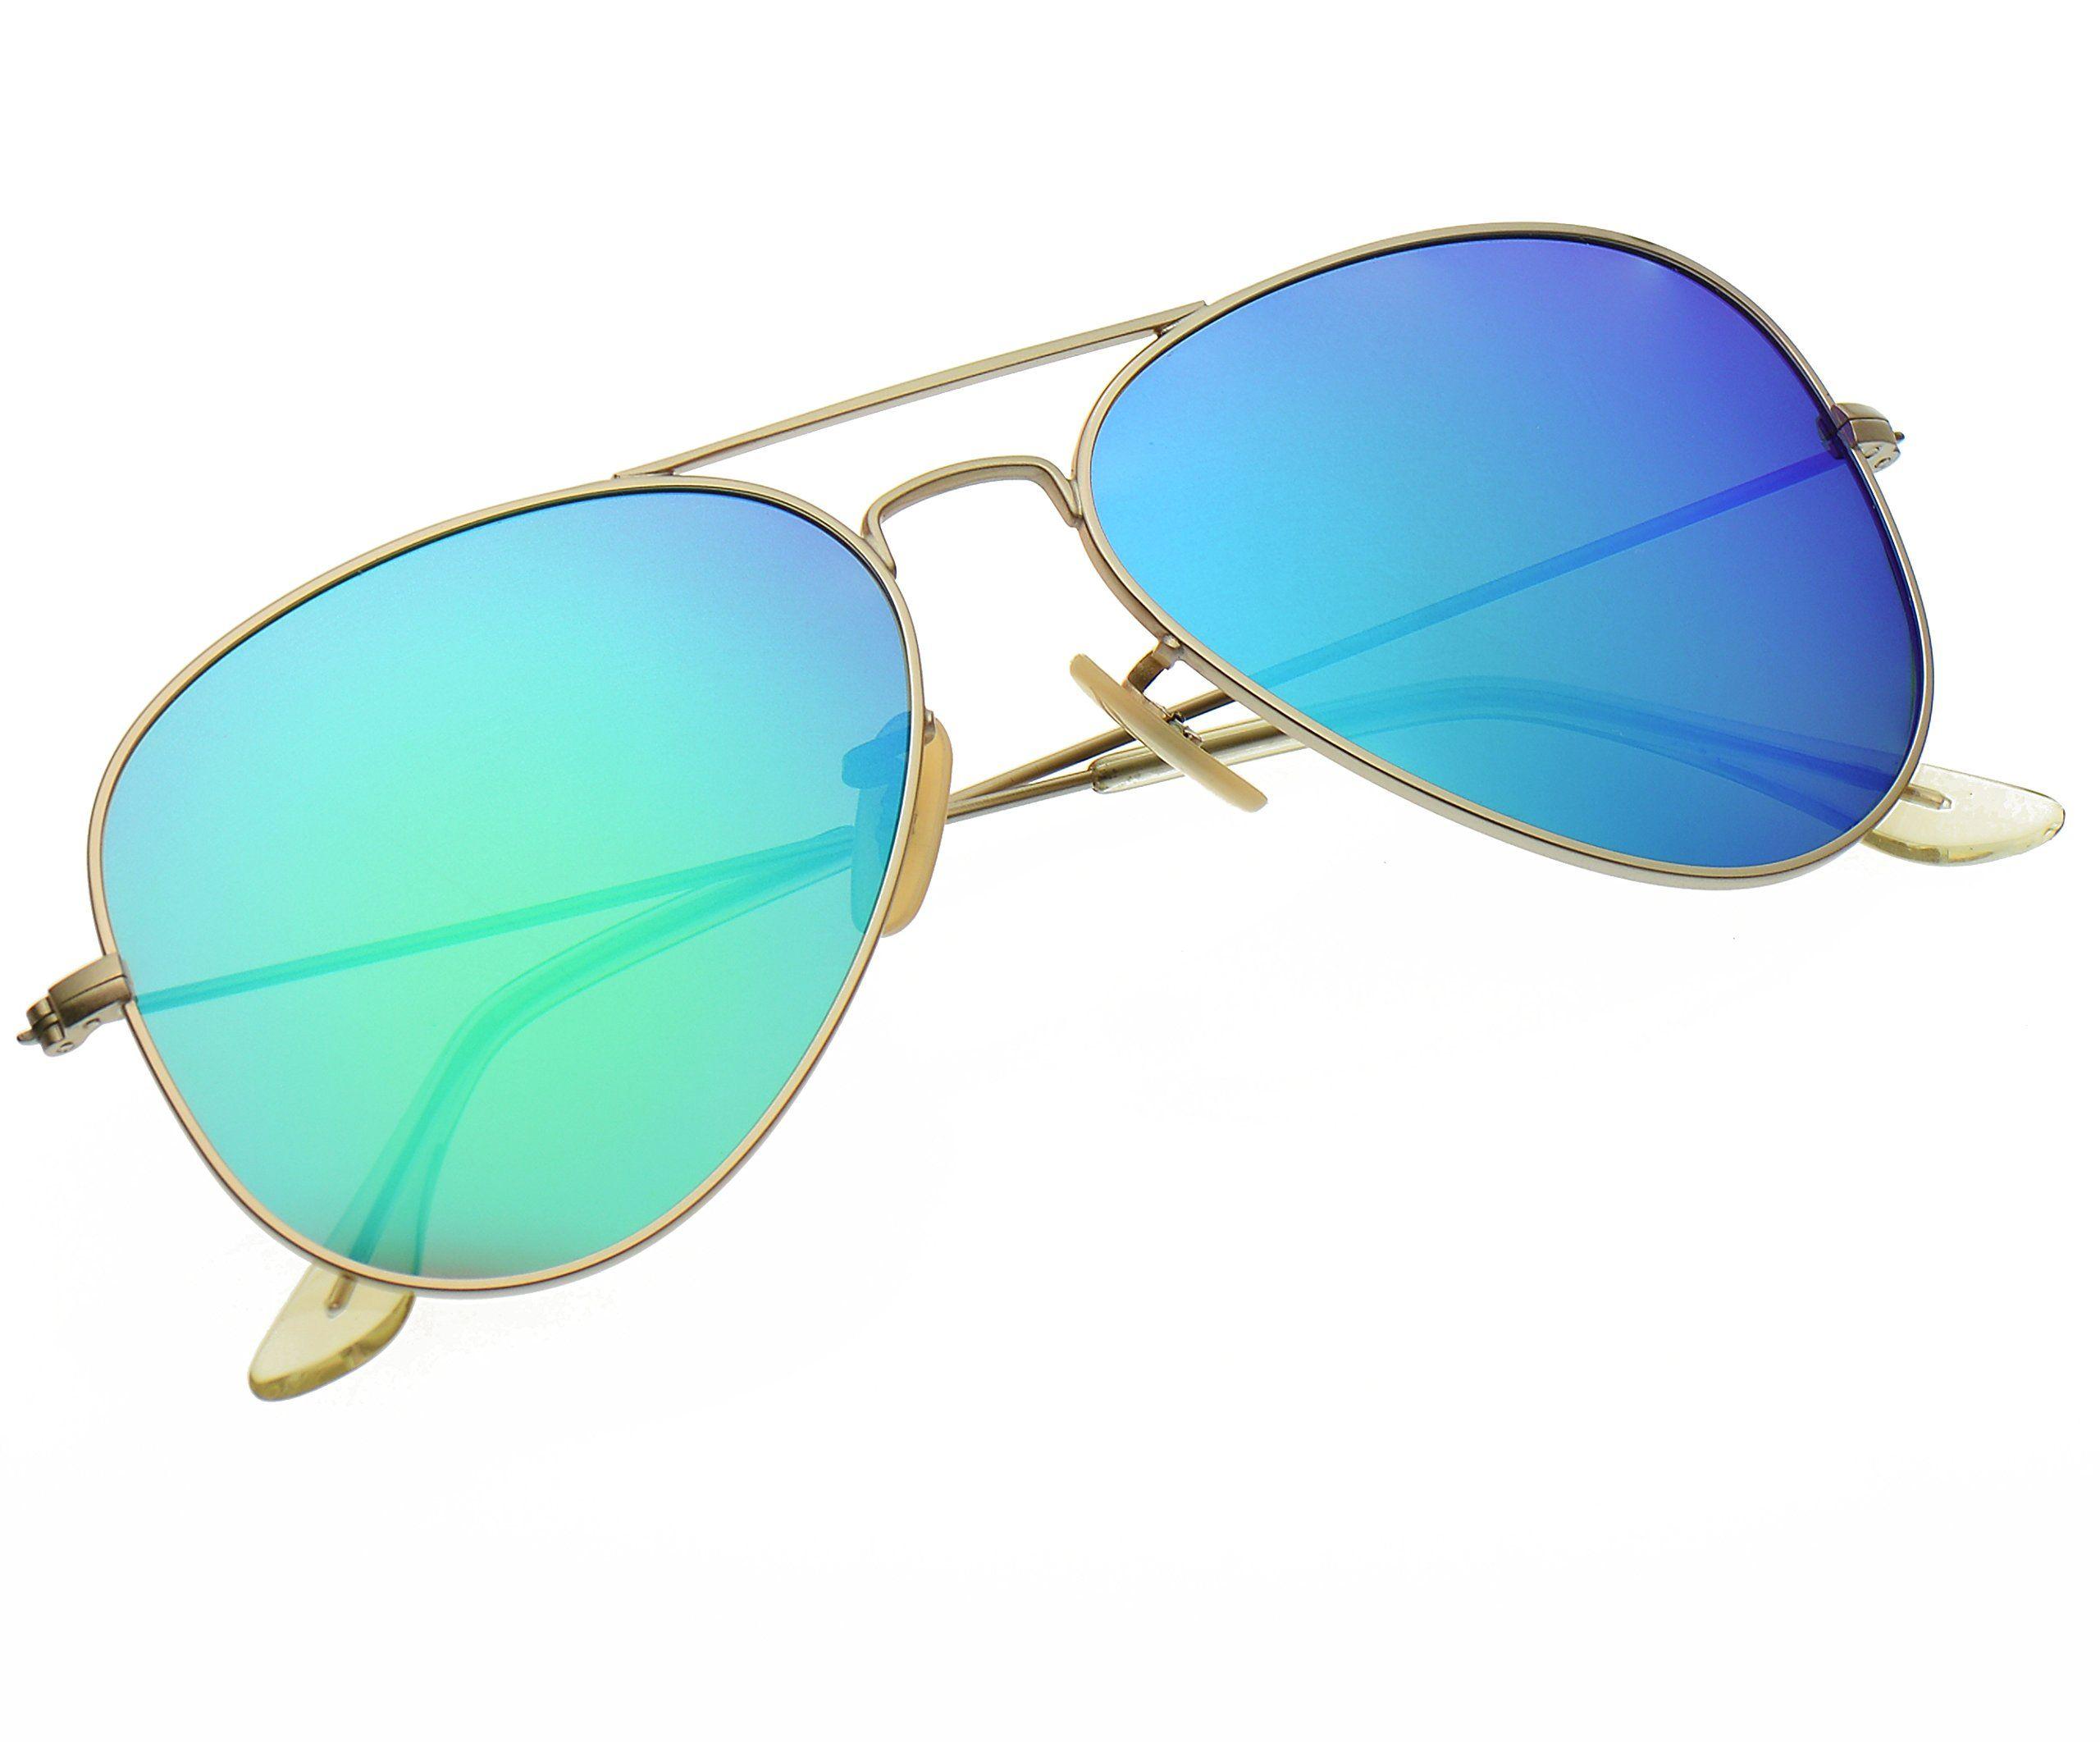 25e8cc9164 LUENX Aviator Polarized Sunglasses for Men   Women with Elegant Glasses Case  - UV 400 Protection Green Blue Mirrored Lens Gold Frame 55mm